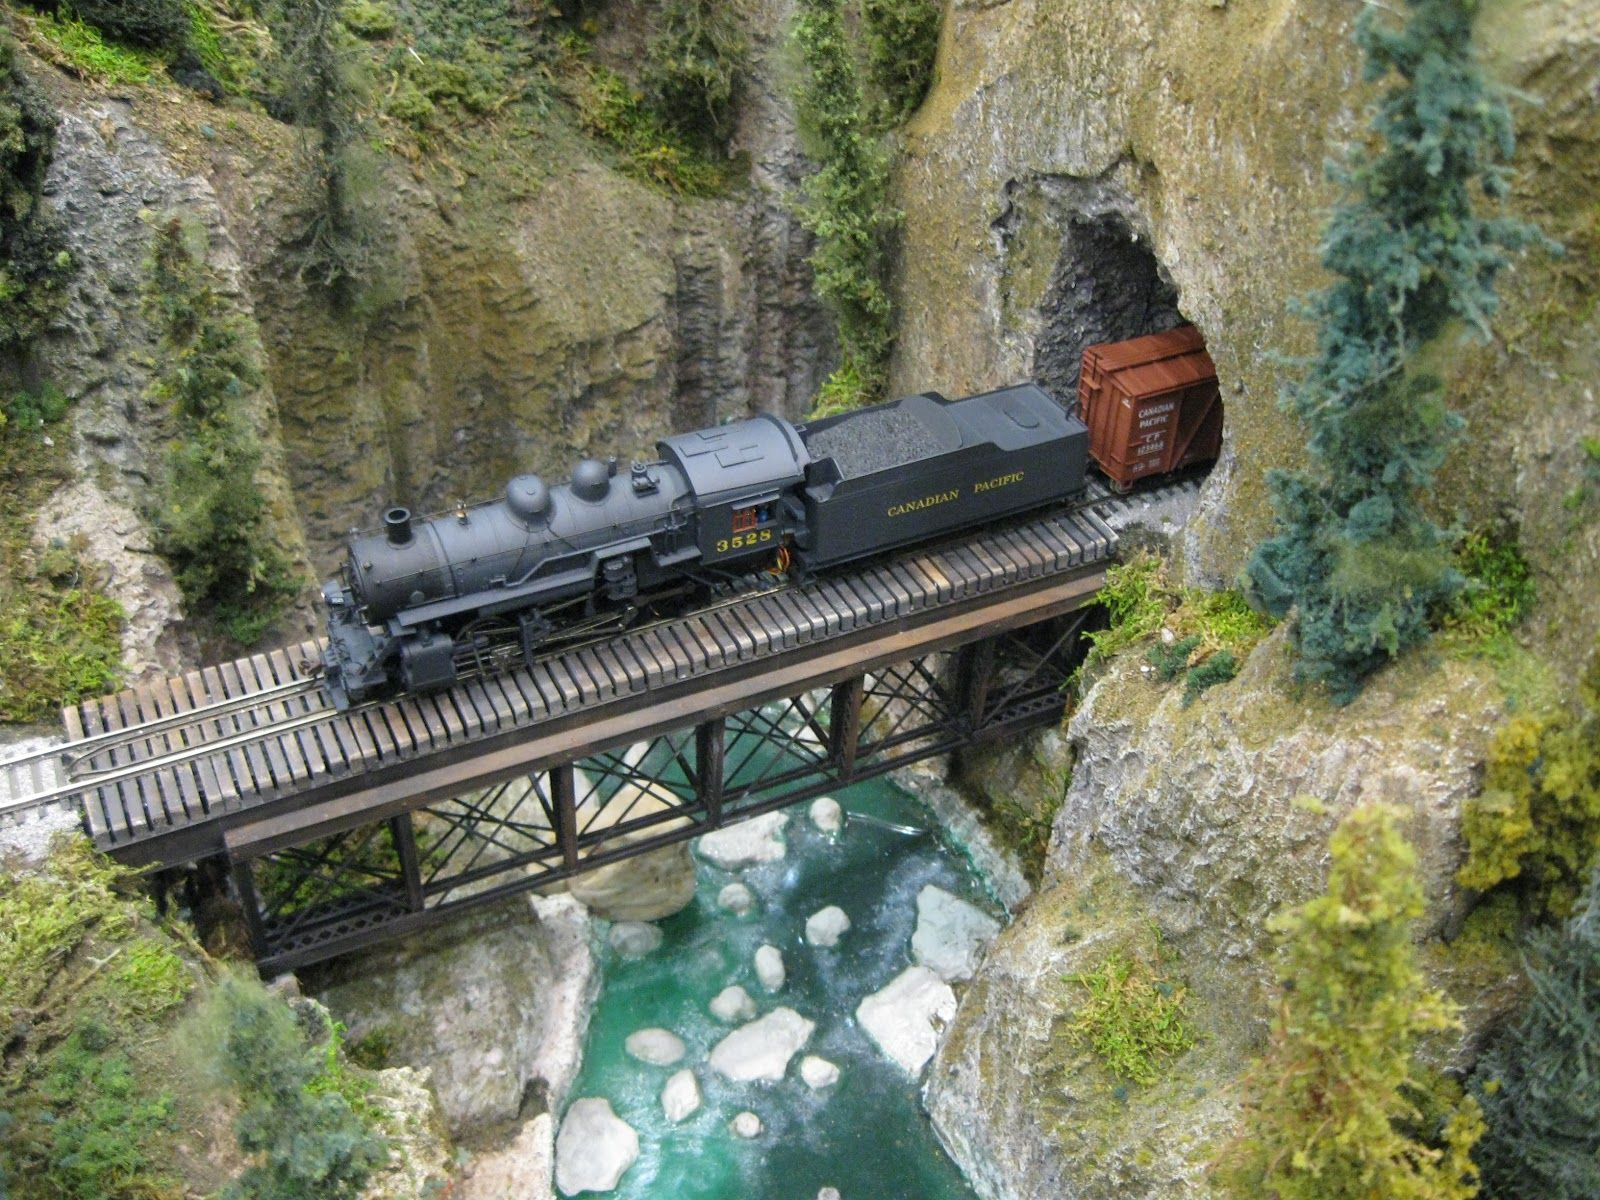 Modeli vozova, tramvaja - Page 2 3690e7b427061eafa3fdd223e4431140